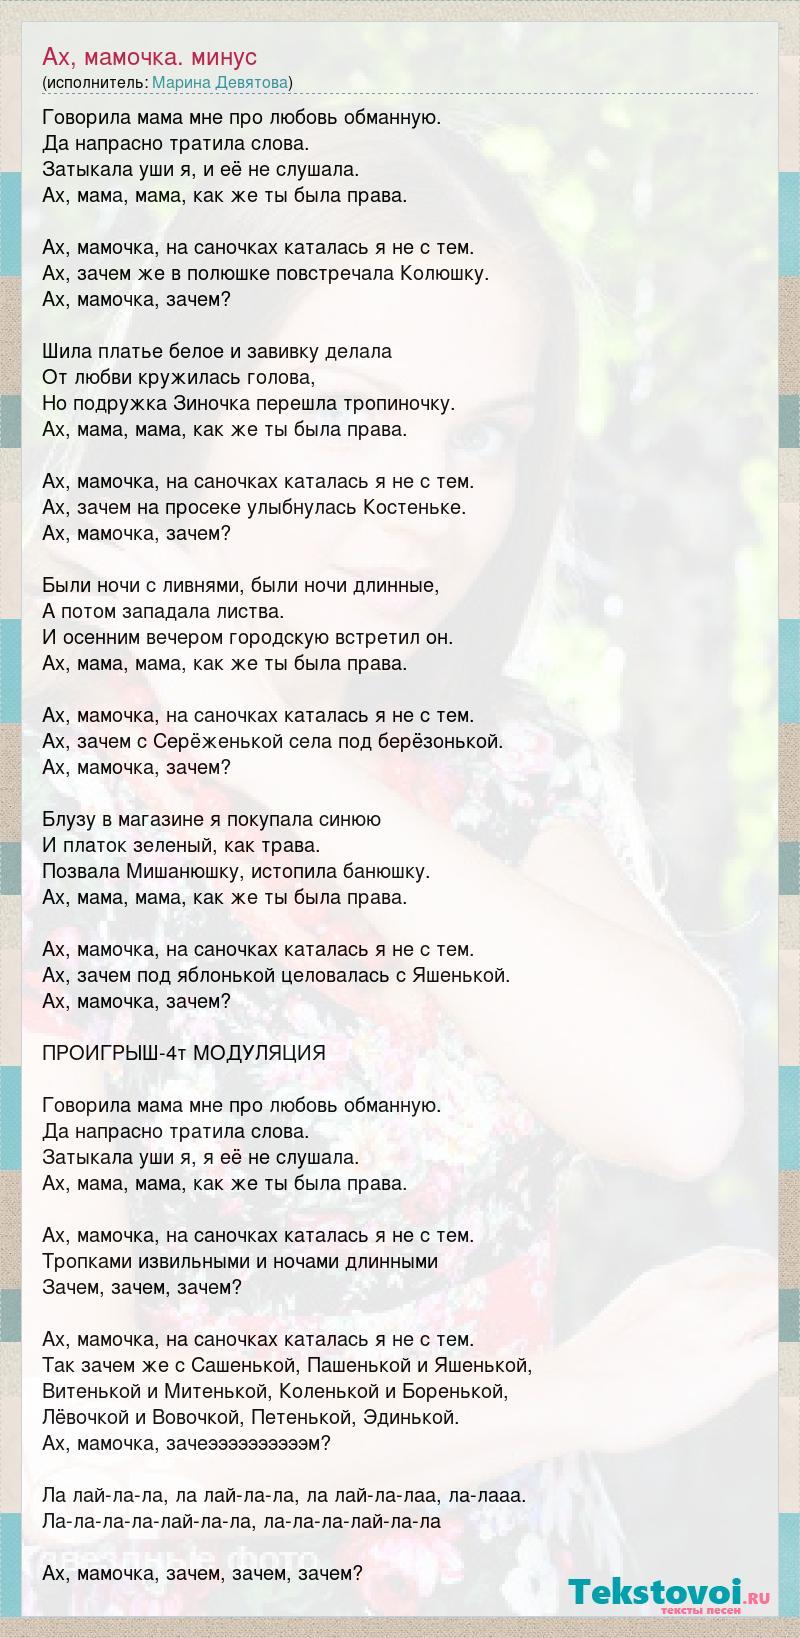 Песня ах мамочка на саночках мордюкова скачать бесплатно.